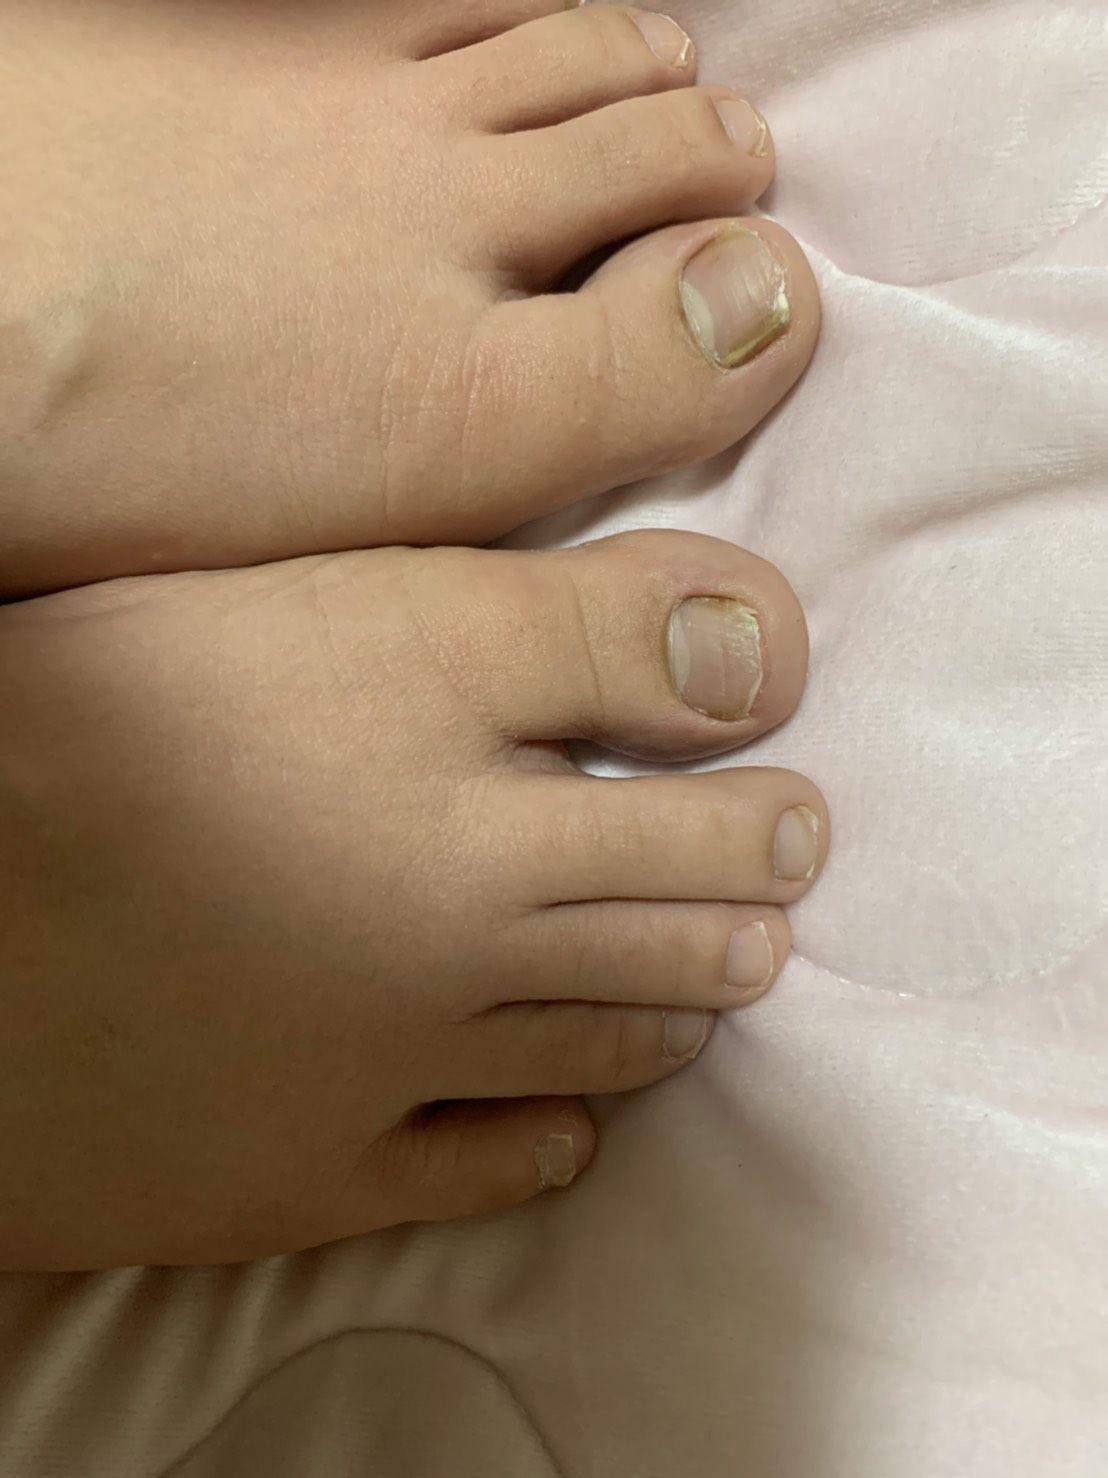 普通の女の子の足の爪切り-スマホ自撮り◎内田彩子(28歳)ヤクルトレディ サンプル画像03